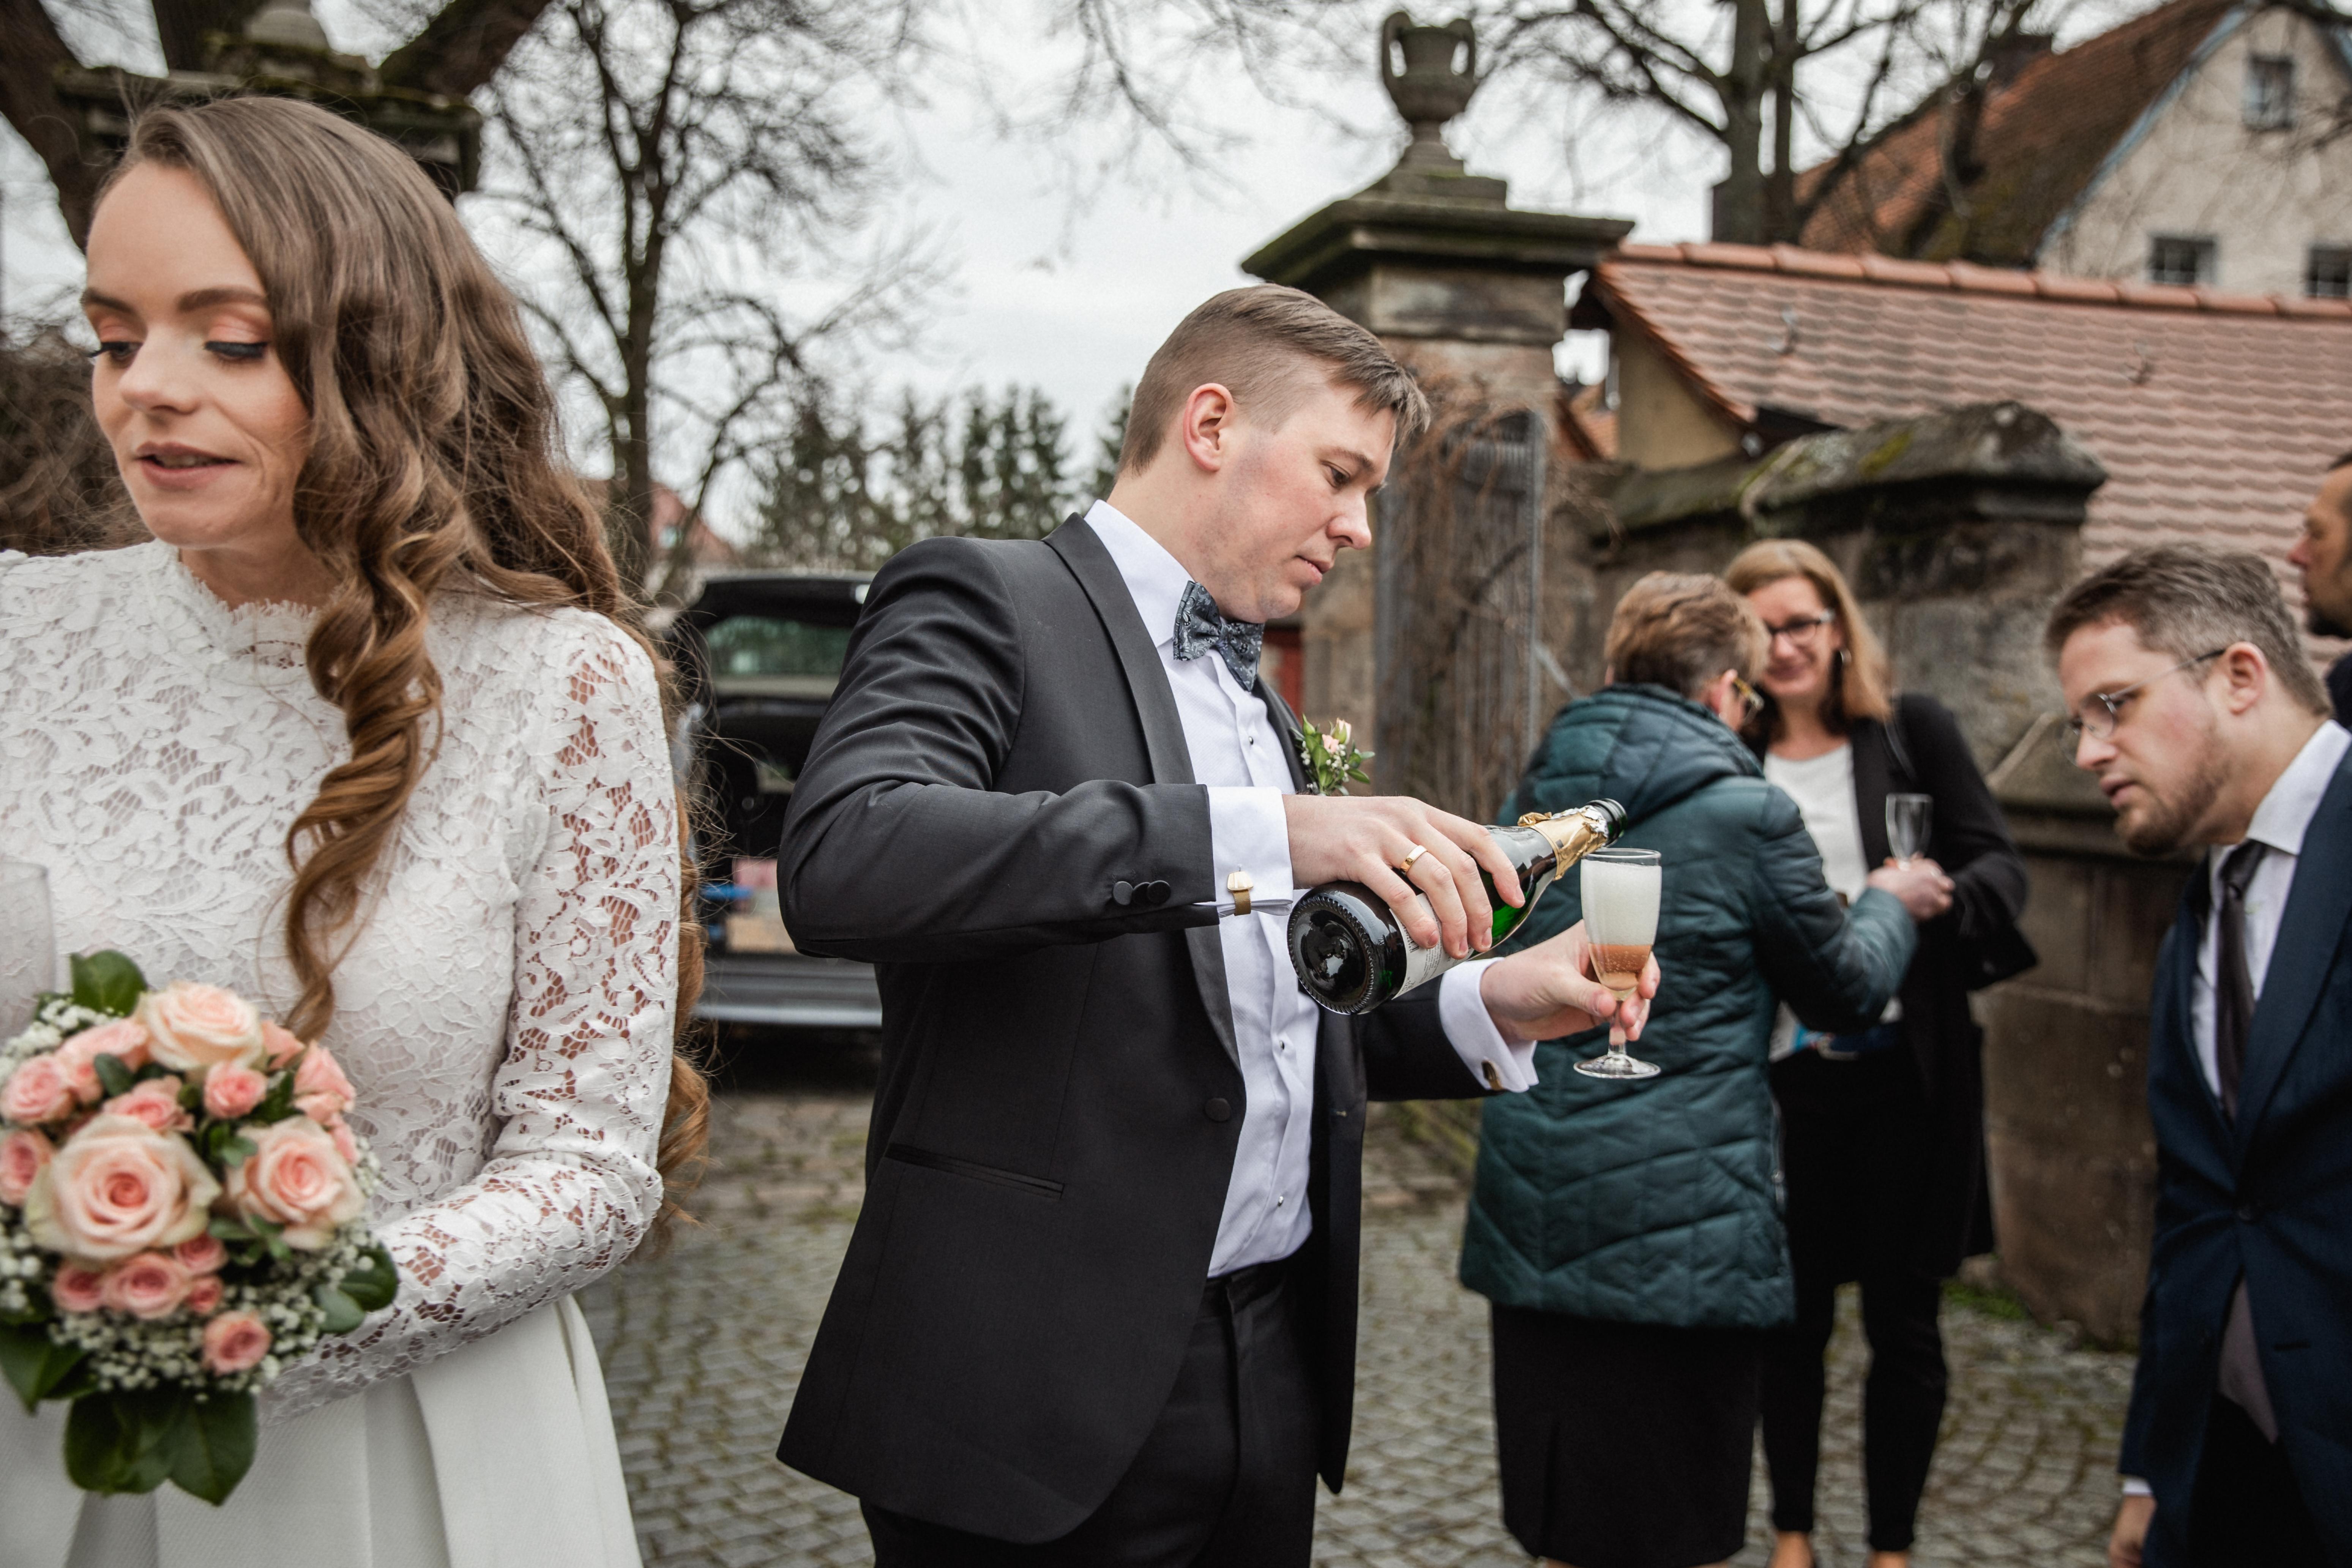 Hochzeitsfotograf-Grossgruendlach-Standesamt-Hallerschloss-Urbanerie-Stazija-und-Michael-055